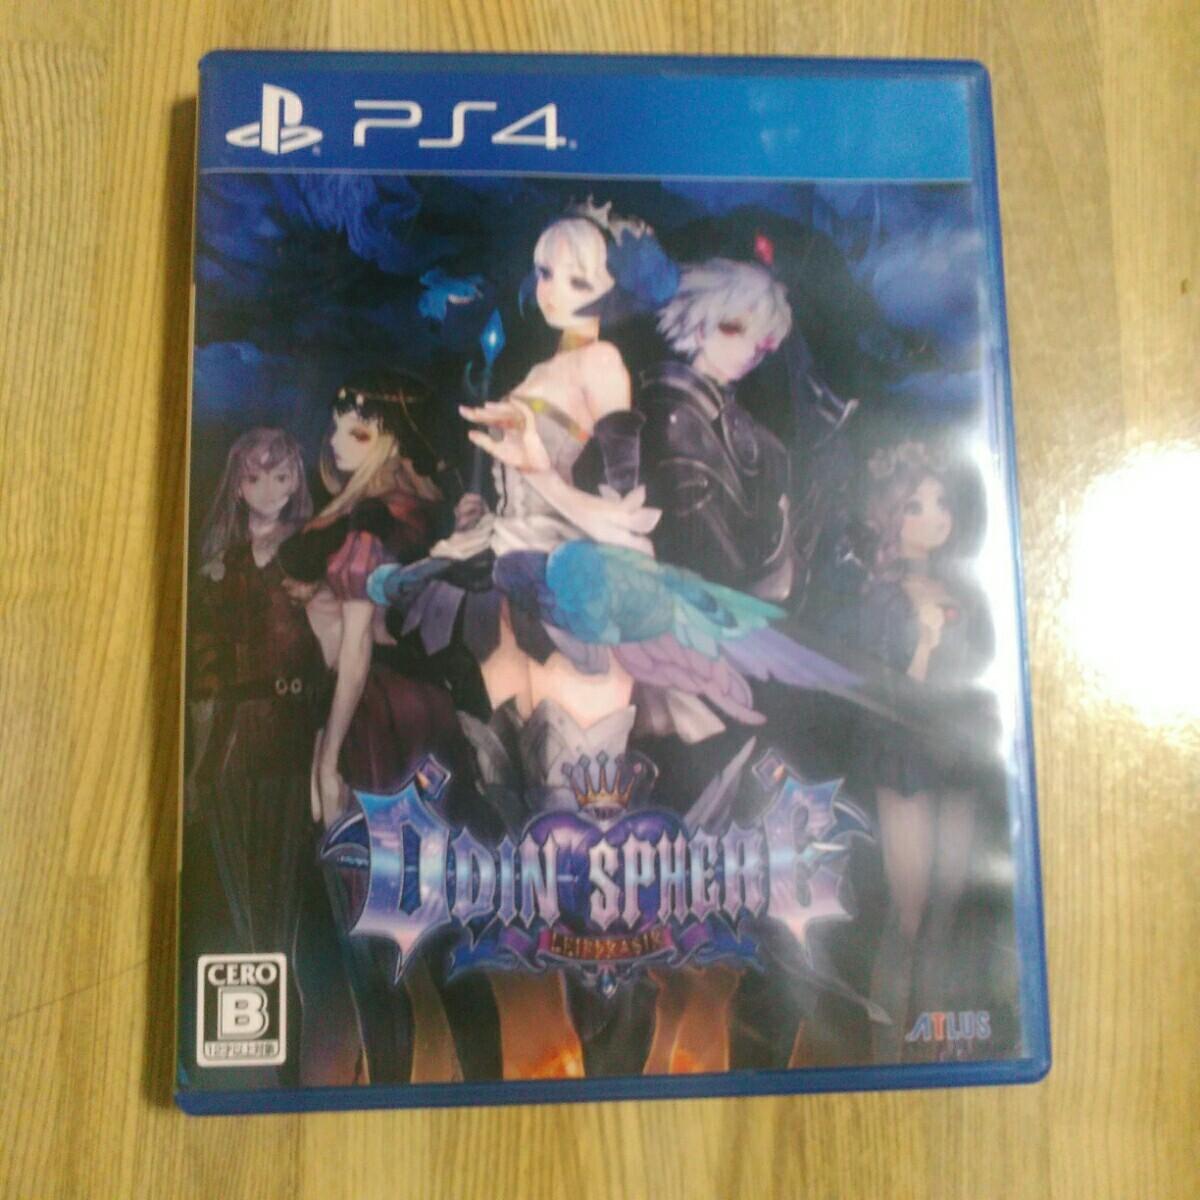 PS4  オーディンスフィアレイヴスラシル PS4ソフト ゲームソフト  オーディンスフィア アトラス